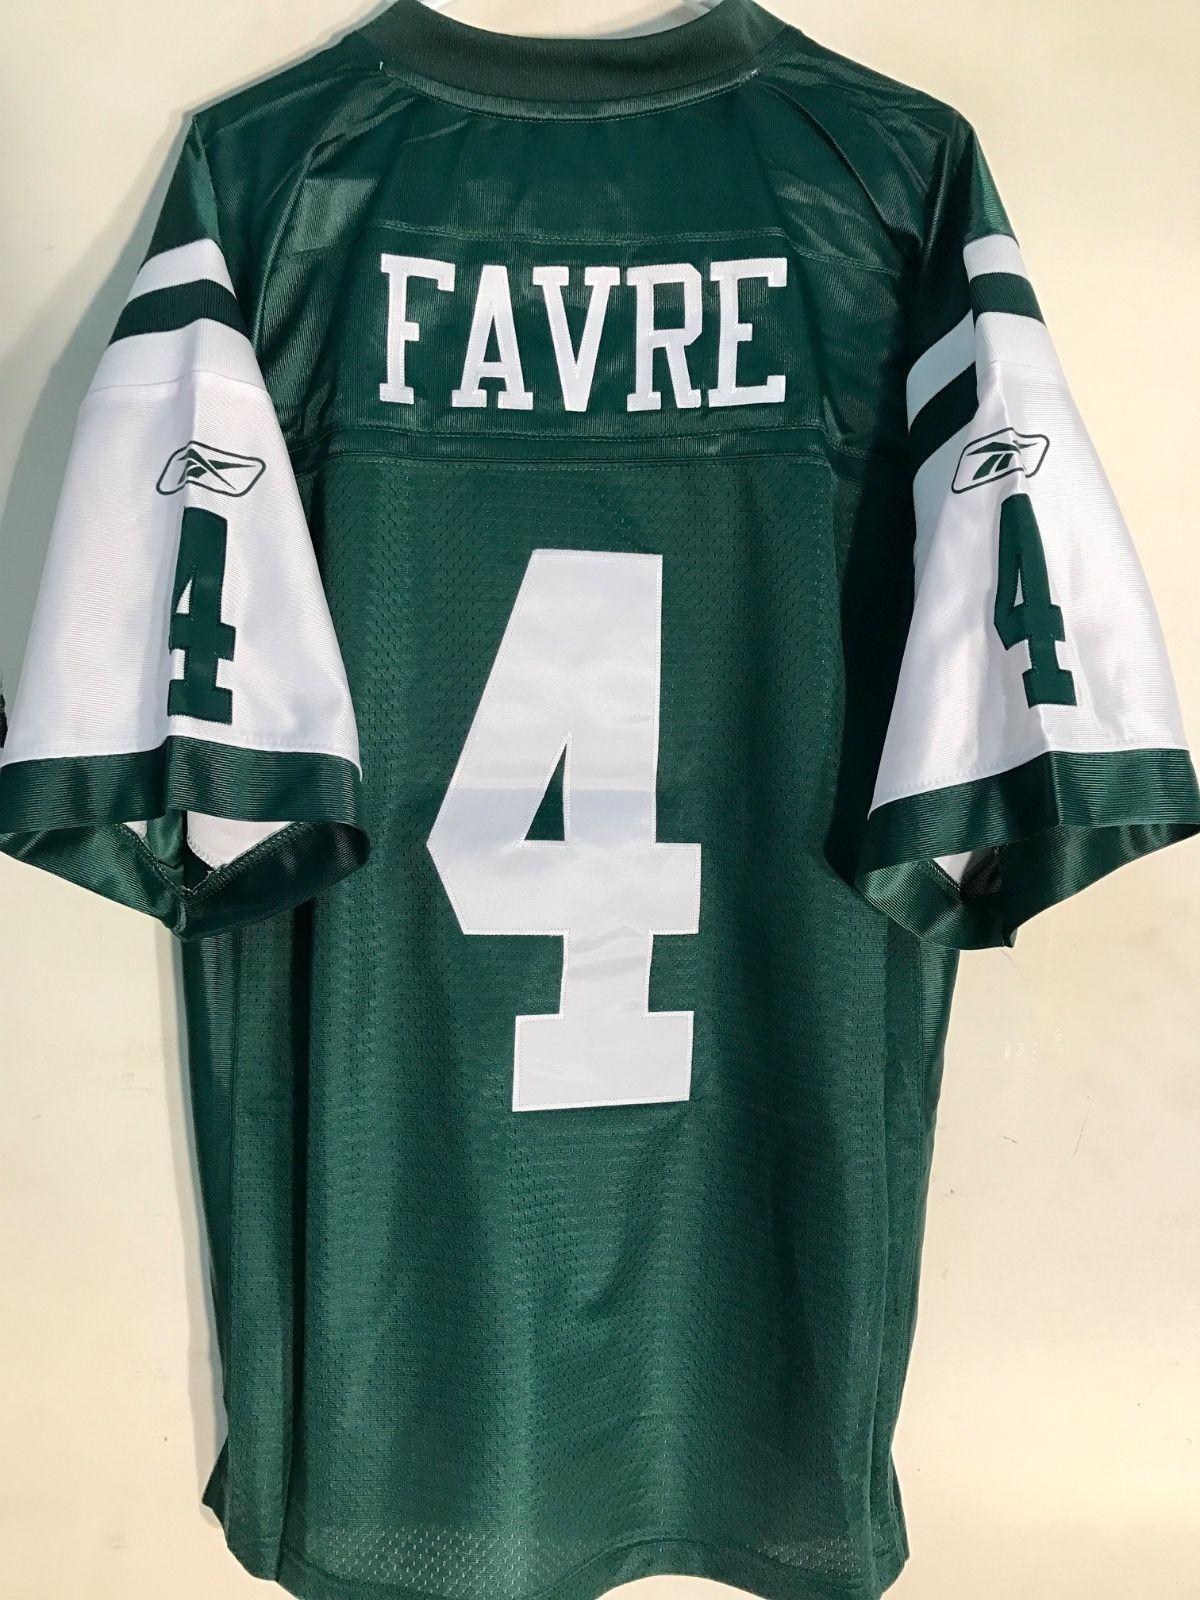 4d6a64d04c3 Details about Reebok Premier NFL Jersey New York Jets Brett Favre ...